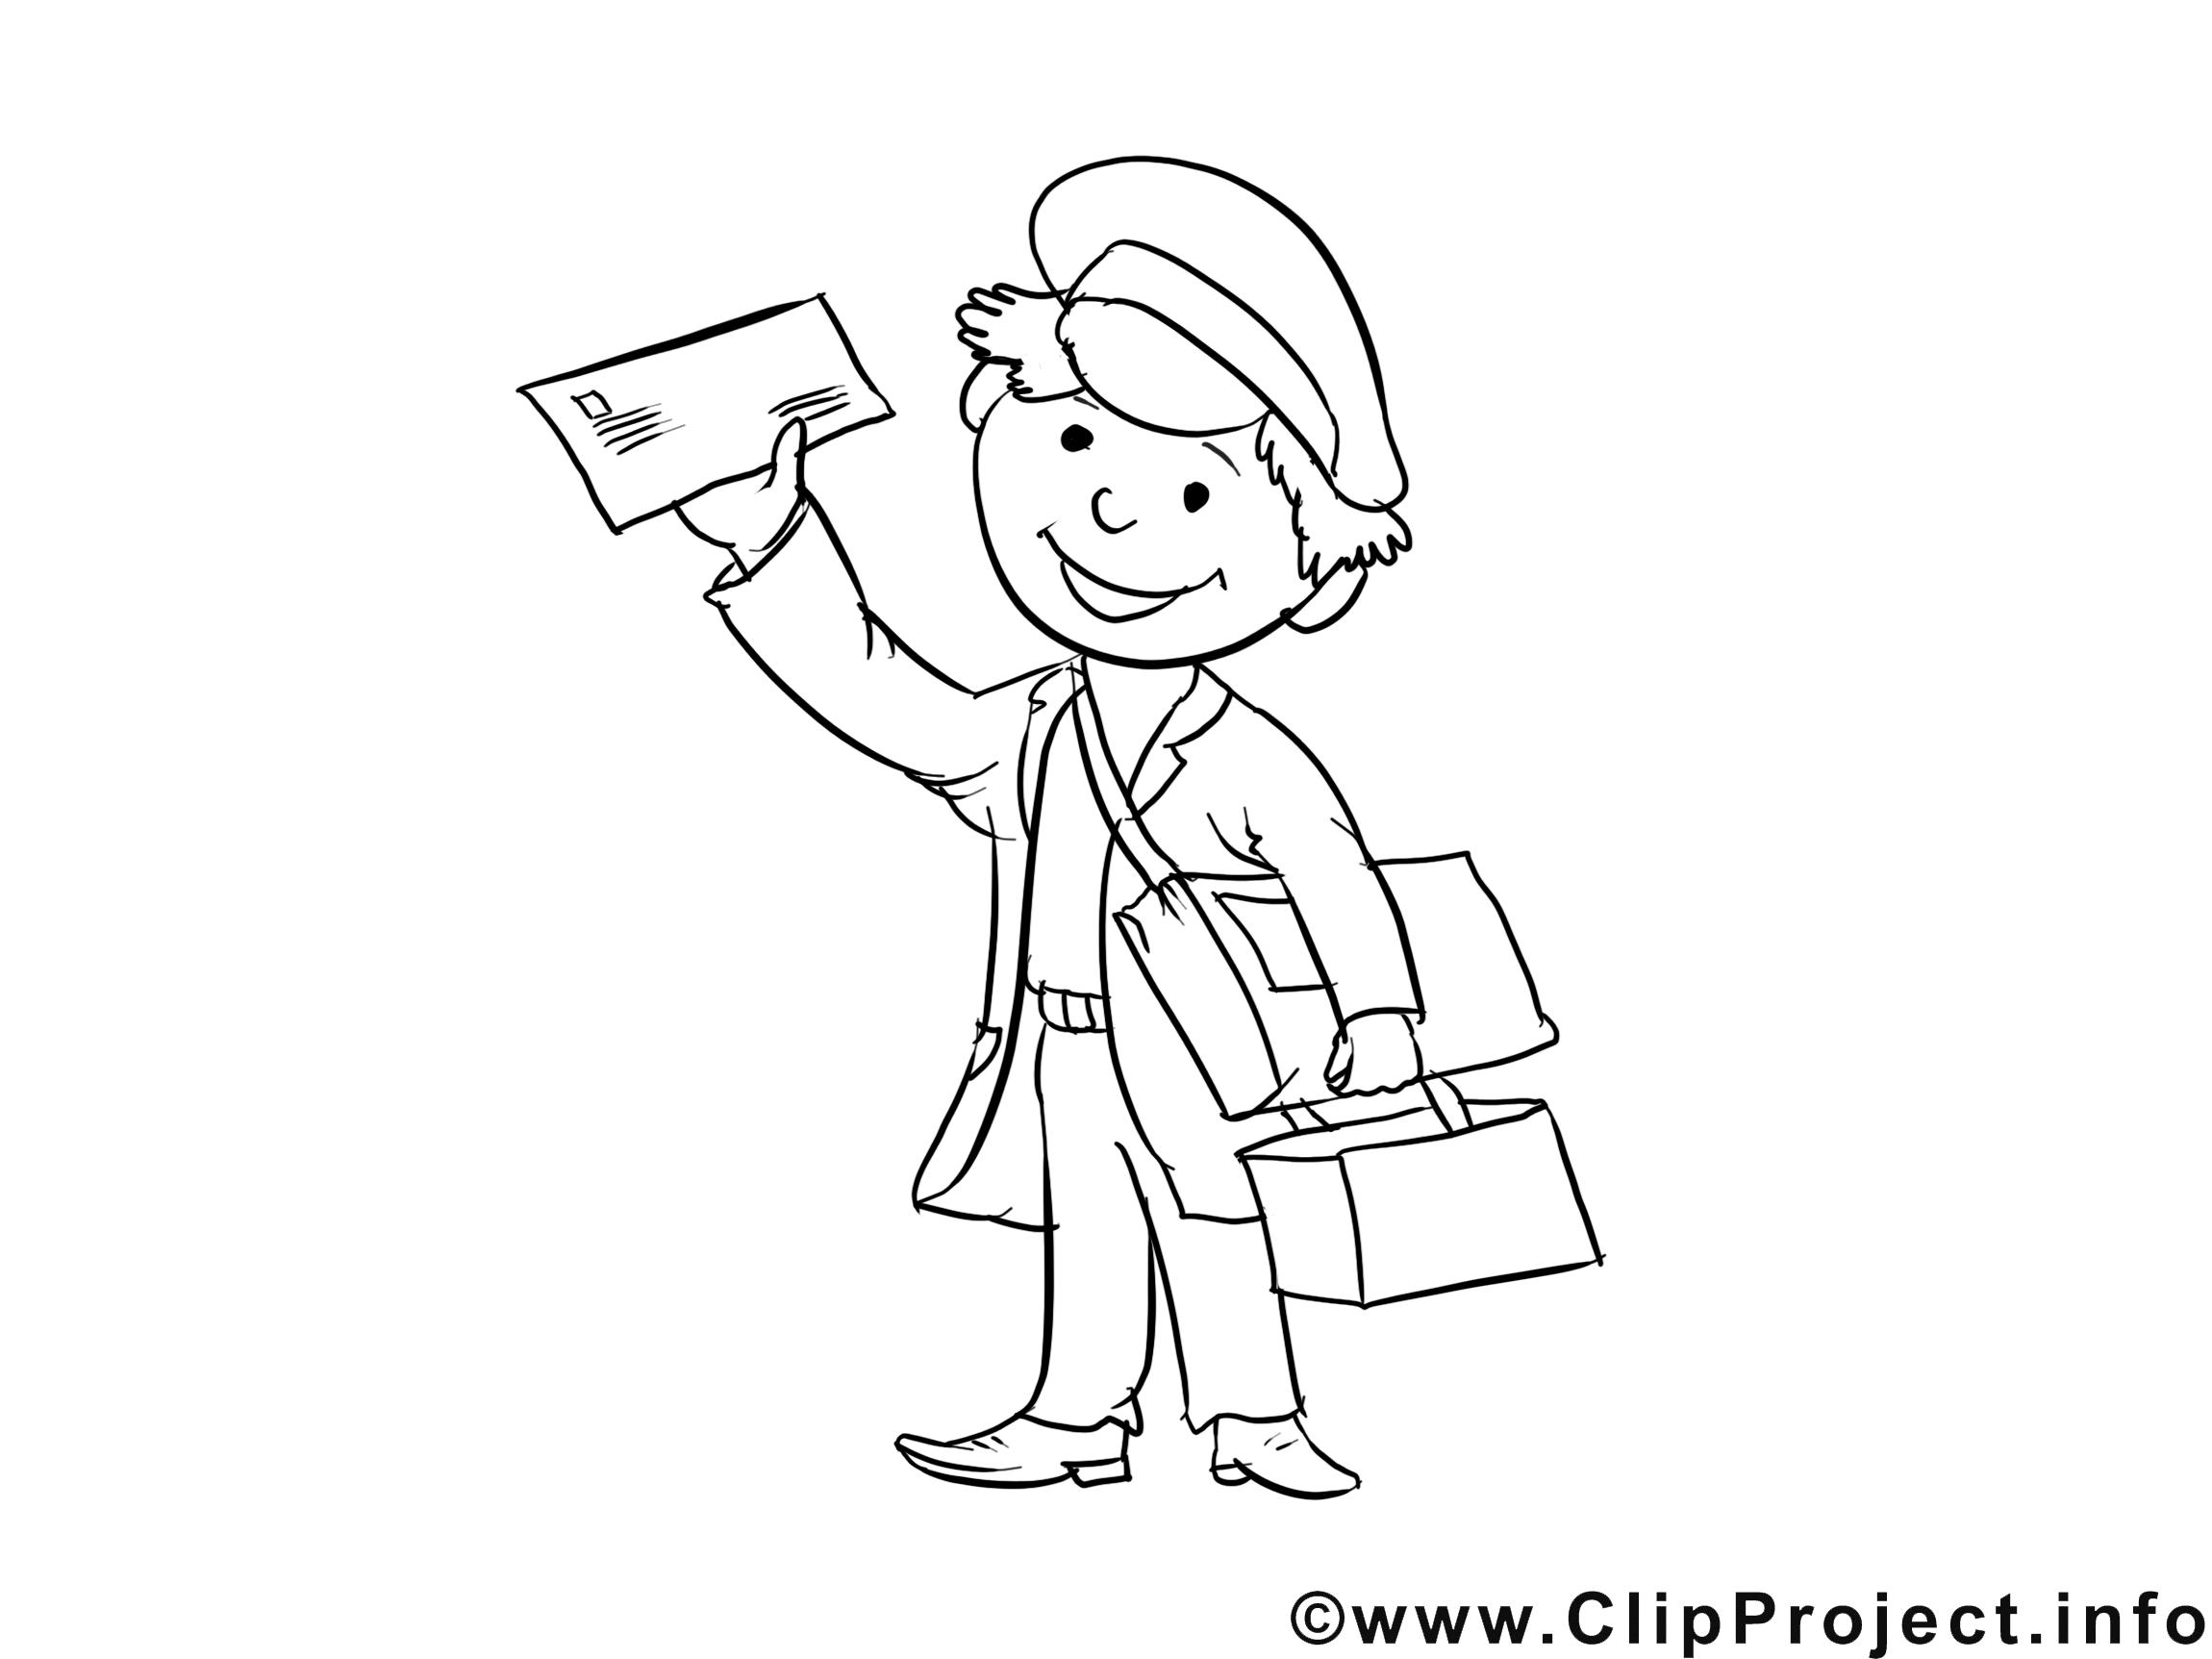 Facteur dessin gratuit m tiers colorier professions coloriages dessin picture image - Facteur dessin ...